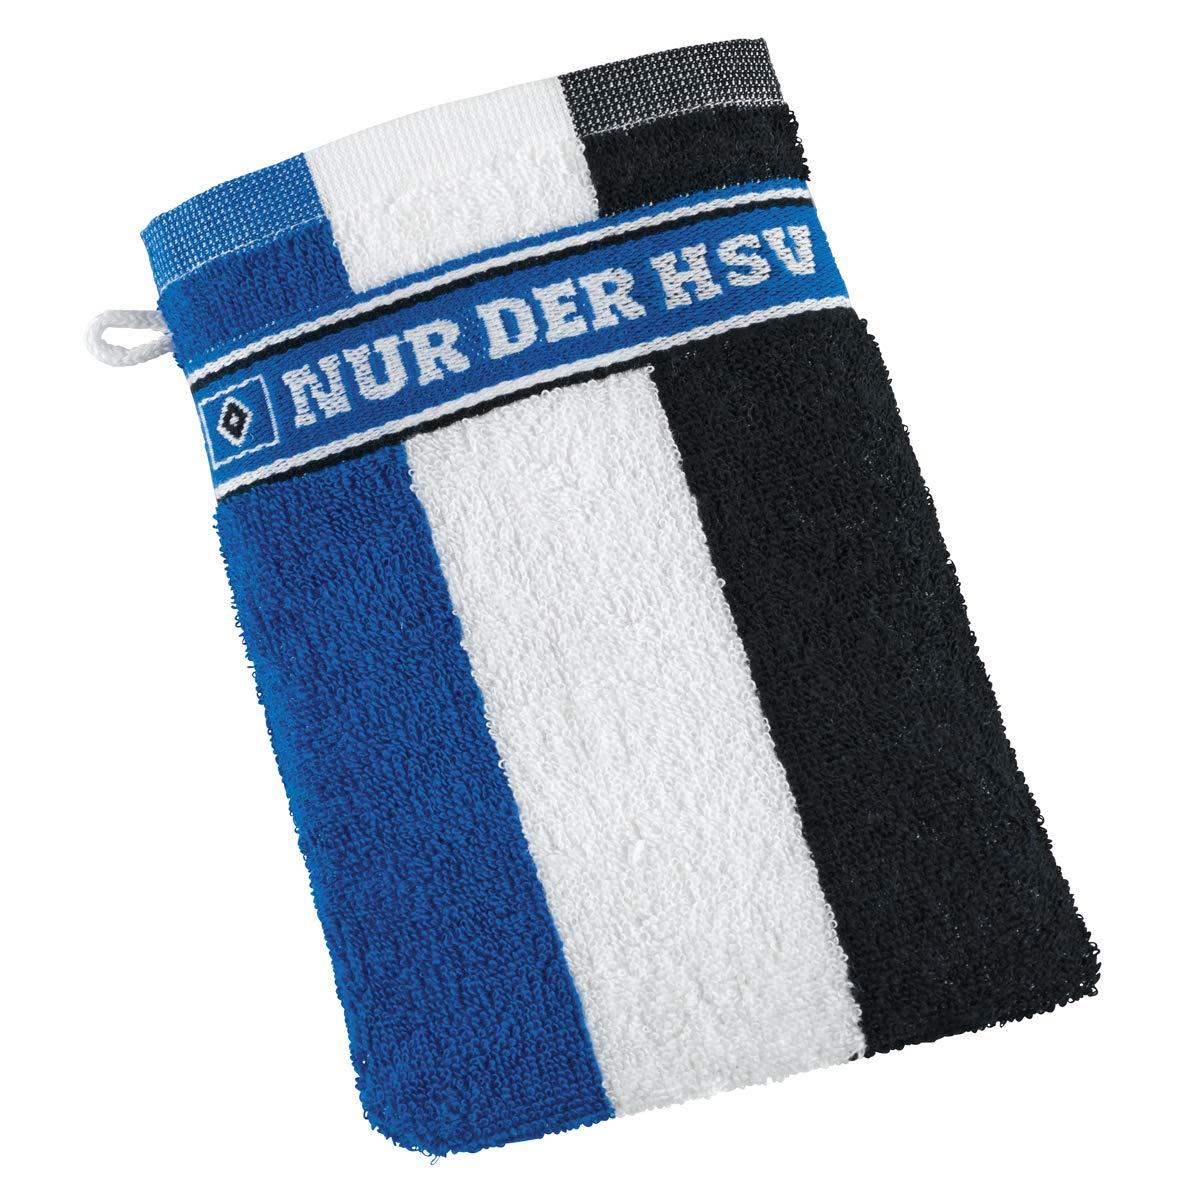 HSV Hamburger SV Handtuch  blau weiß schwarz 3 Streifen 50x100 cm Neu